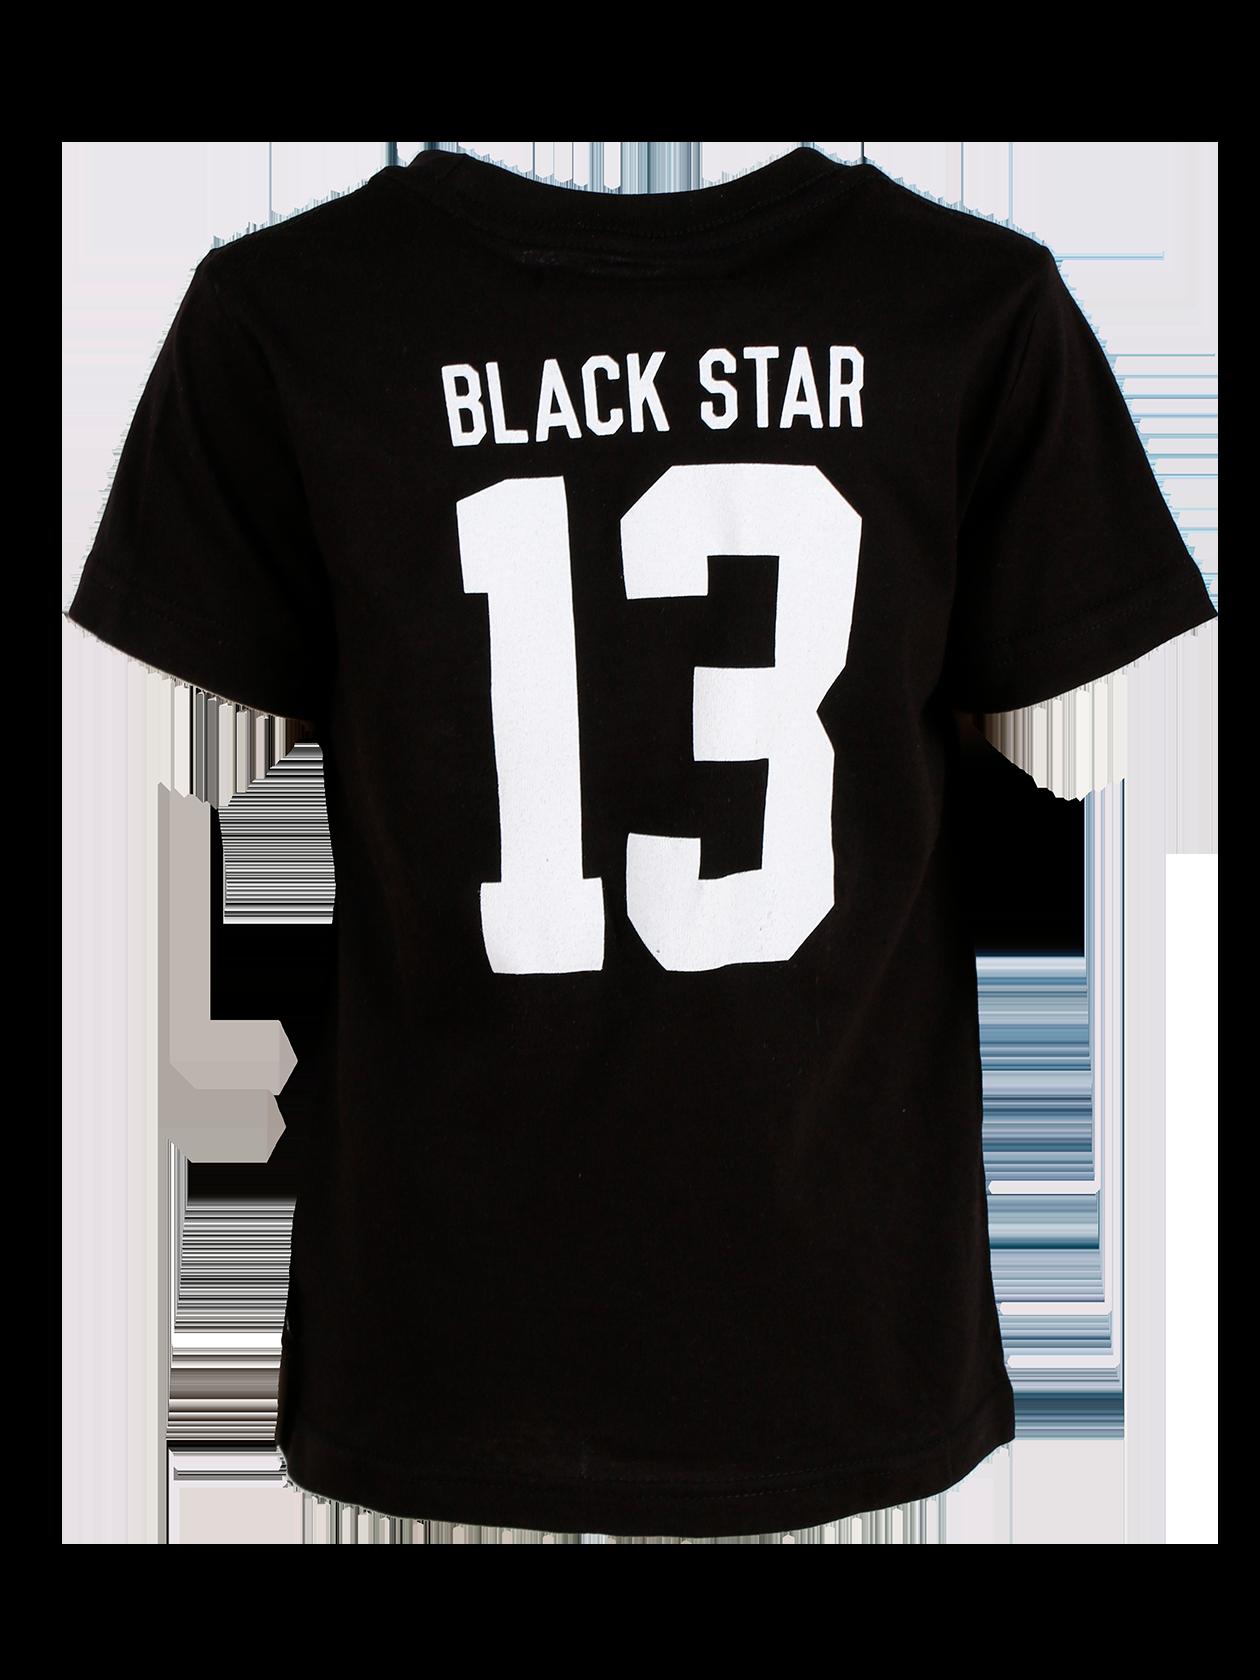 Футболка детская BLACK STAR 13Футболка детская Black Star 13 из новой линии одежды Basic – идеальное сочетание стиля, удобства и комфорта для активных непосед. Базовая модель белого цвета сшита из натурального премиального хлопка. Лаконичный дизайн, прямой свободный крой, укороченный рукав. На спине крупный принт в виде надписи Black Star 13. Внутри на горловине жаккардовый лейбл с логотипом бренда. Специальная цена вас приятно удивит.<br><br>Размер: 9-10 years<br>Цвет: Черный<br>Пол: Унисекс